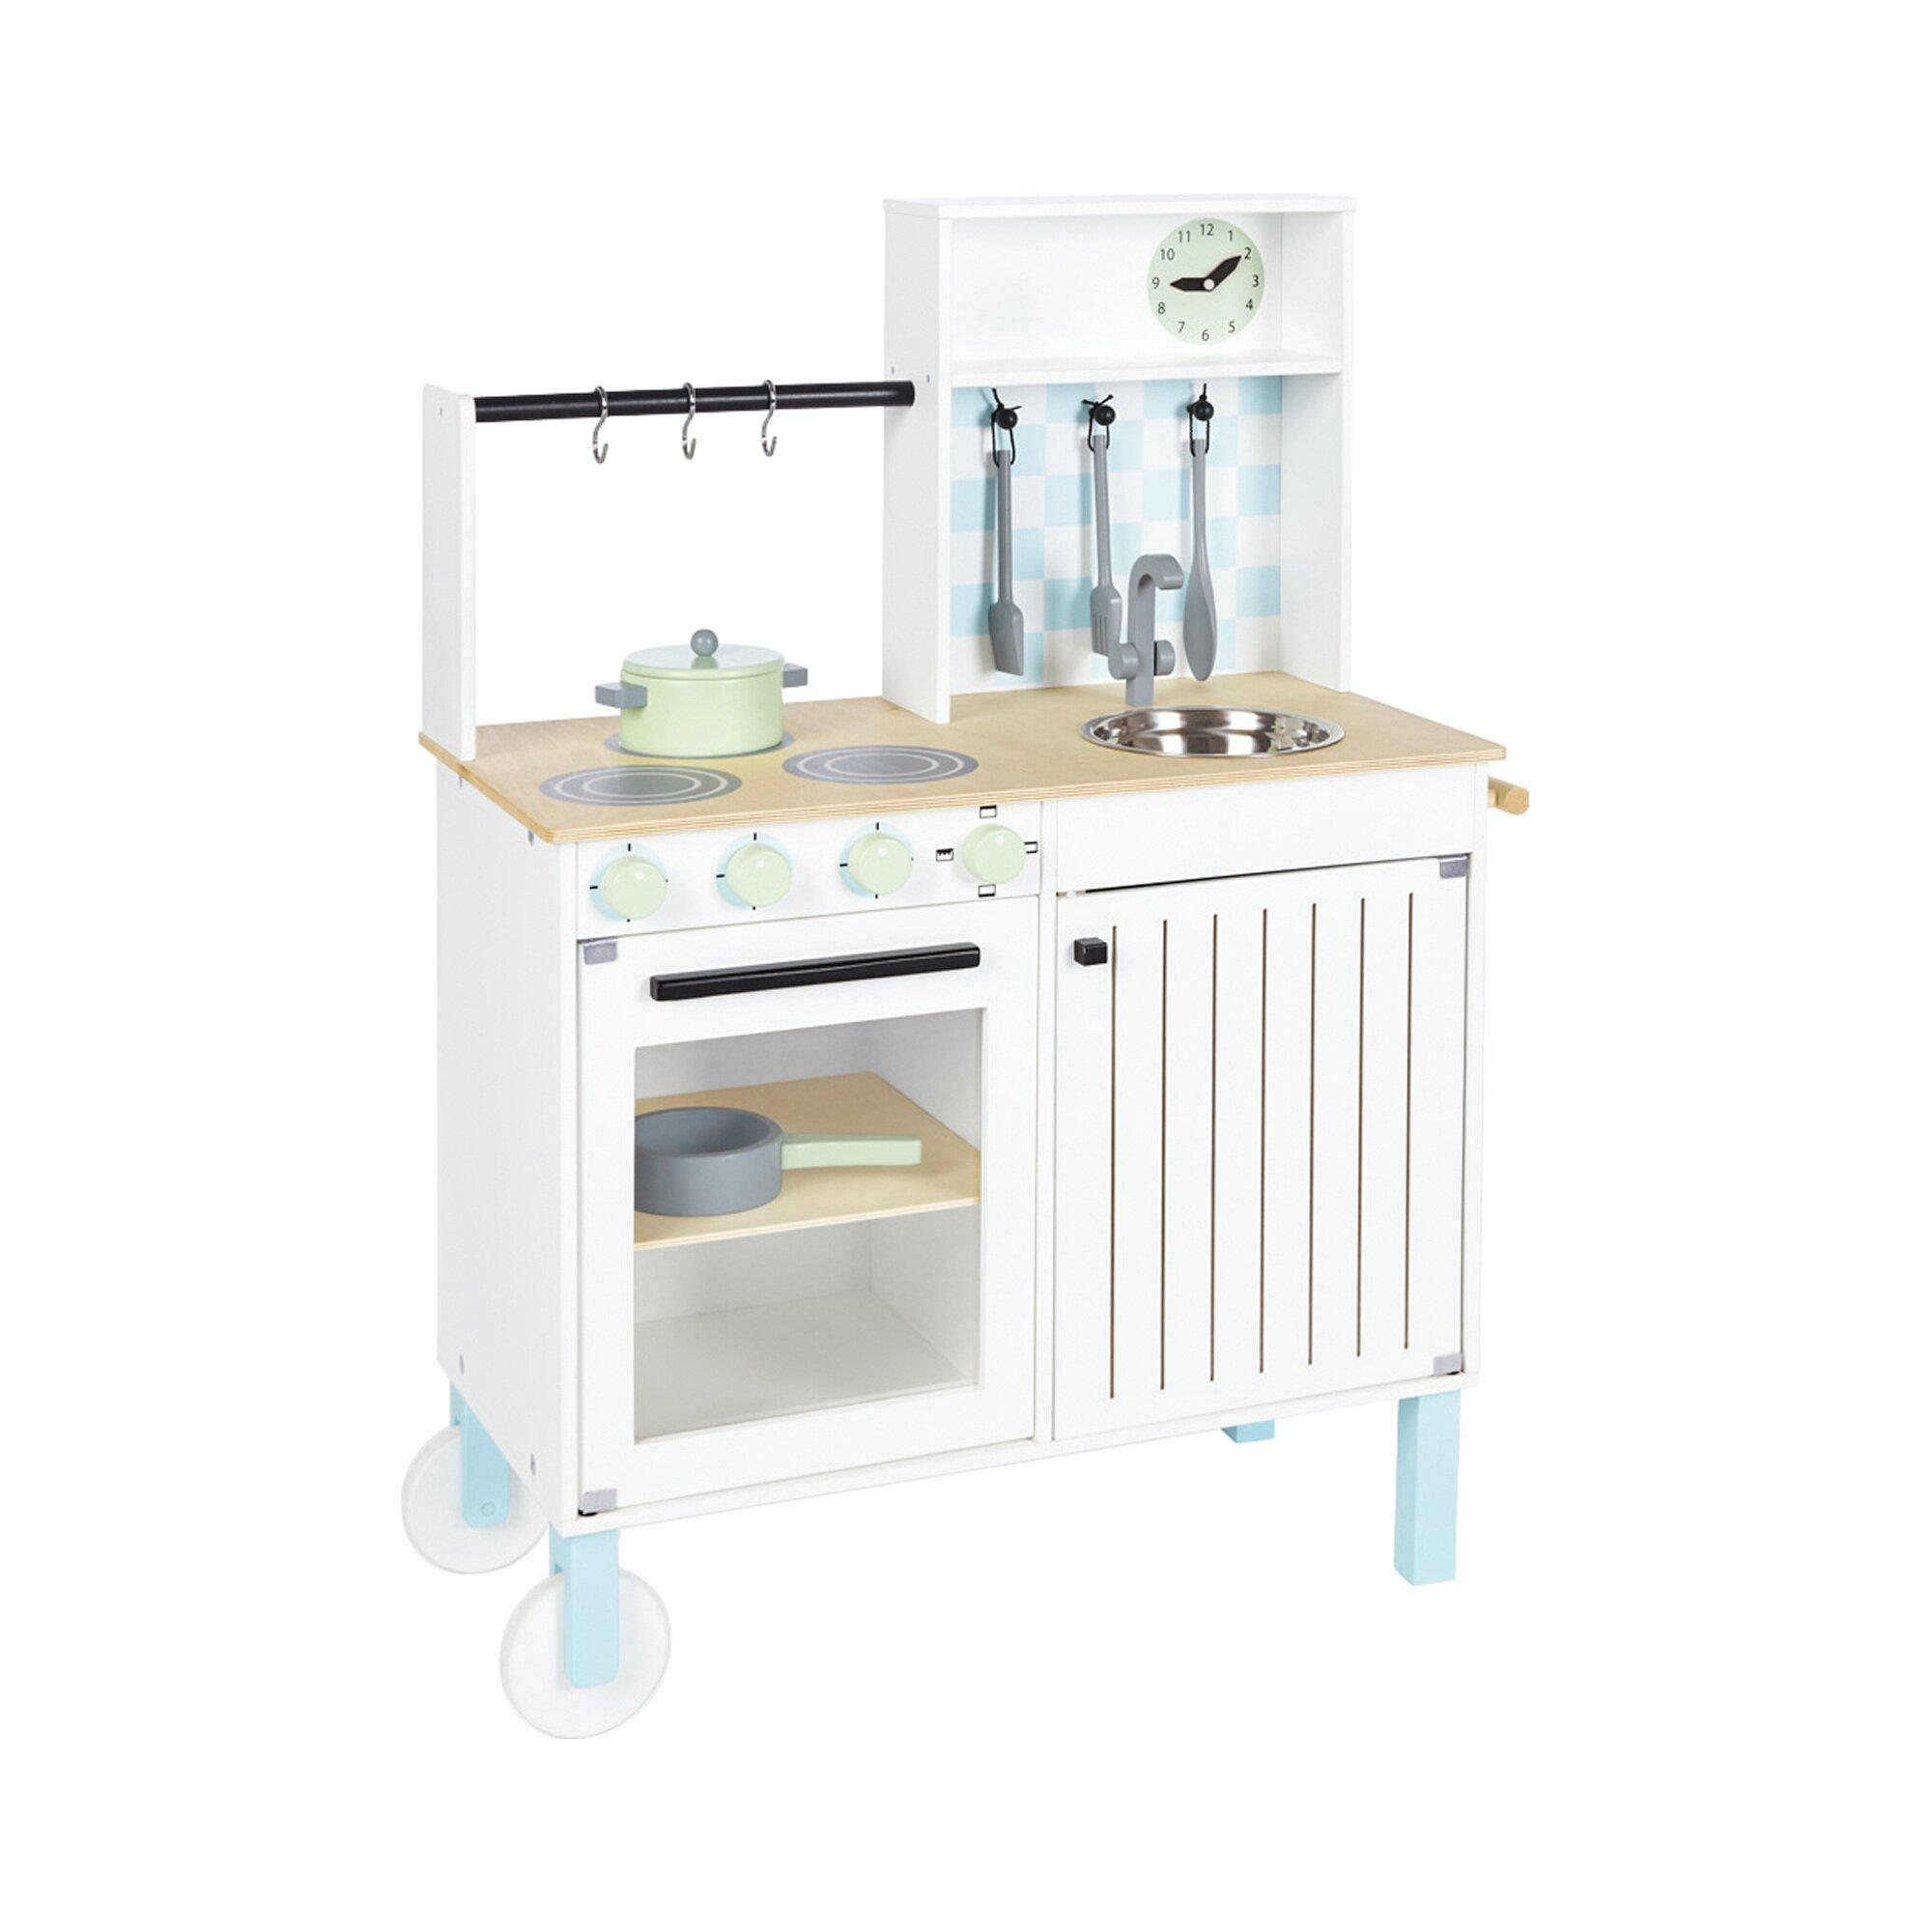 Pinolino Kombi-Küche Alfons